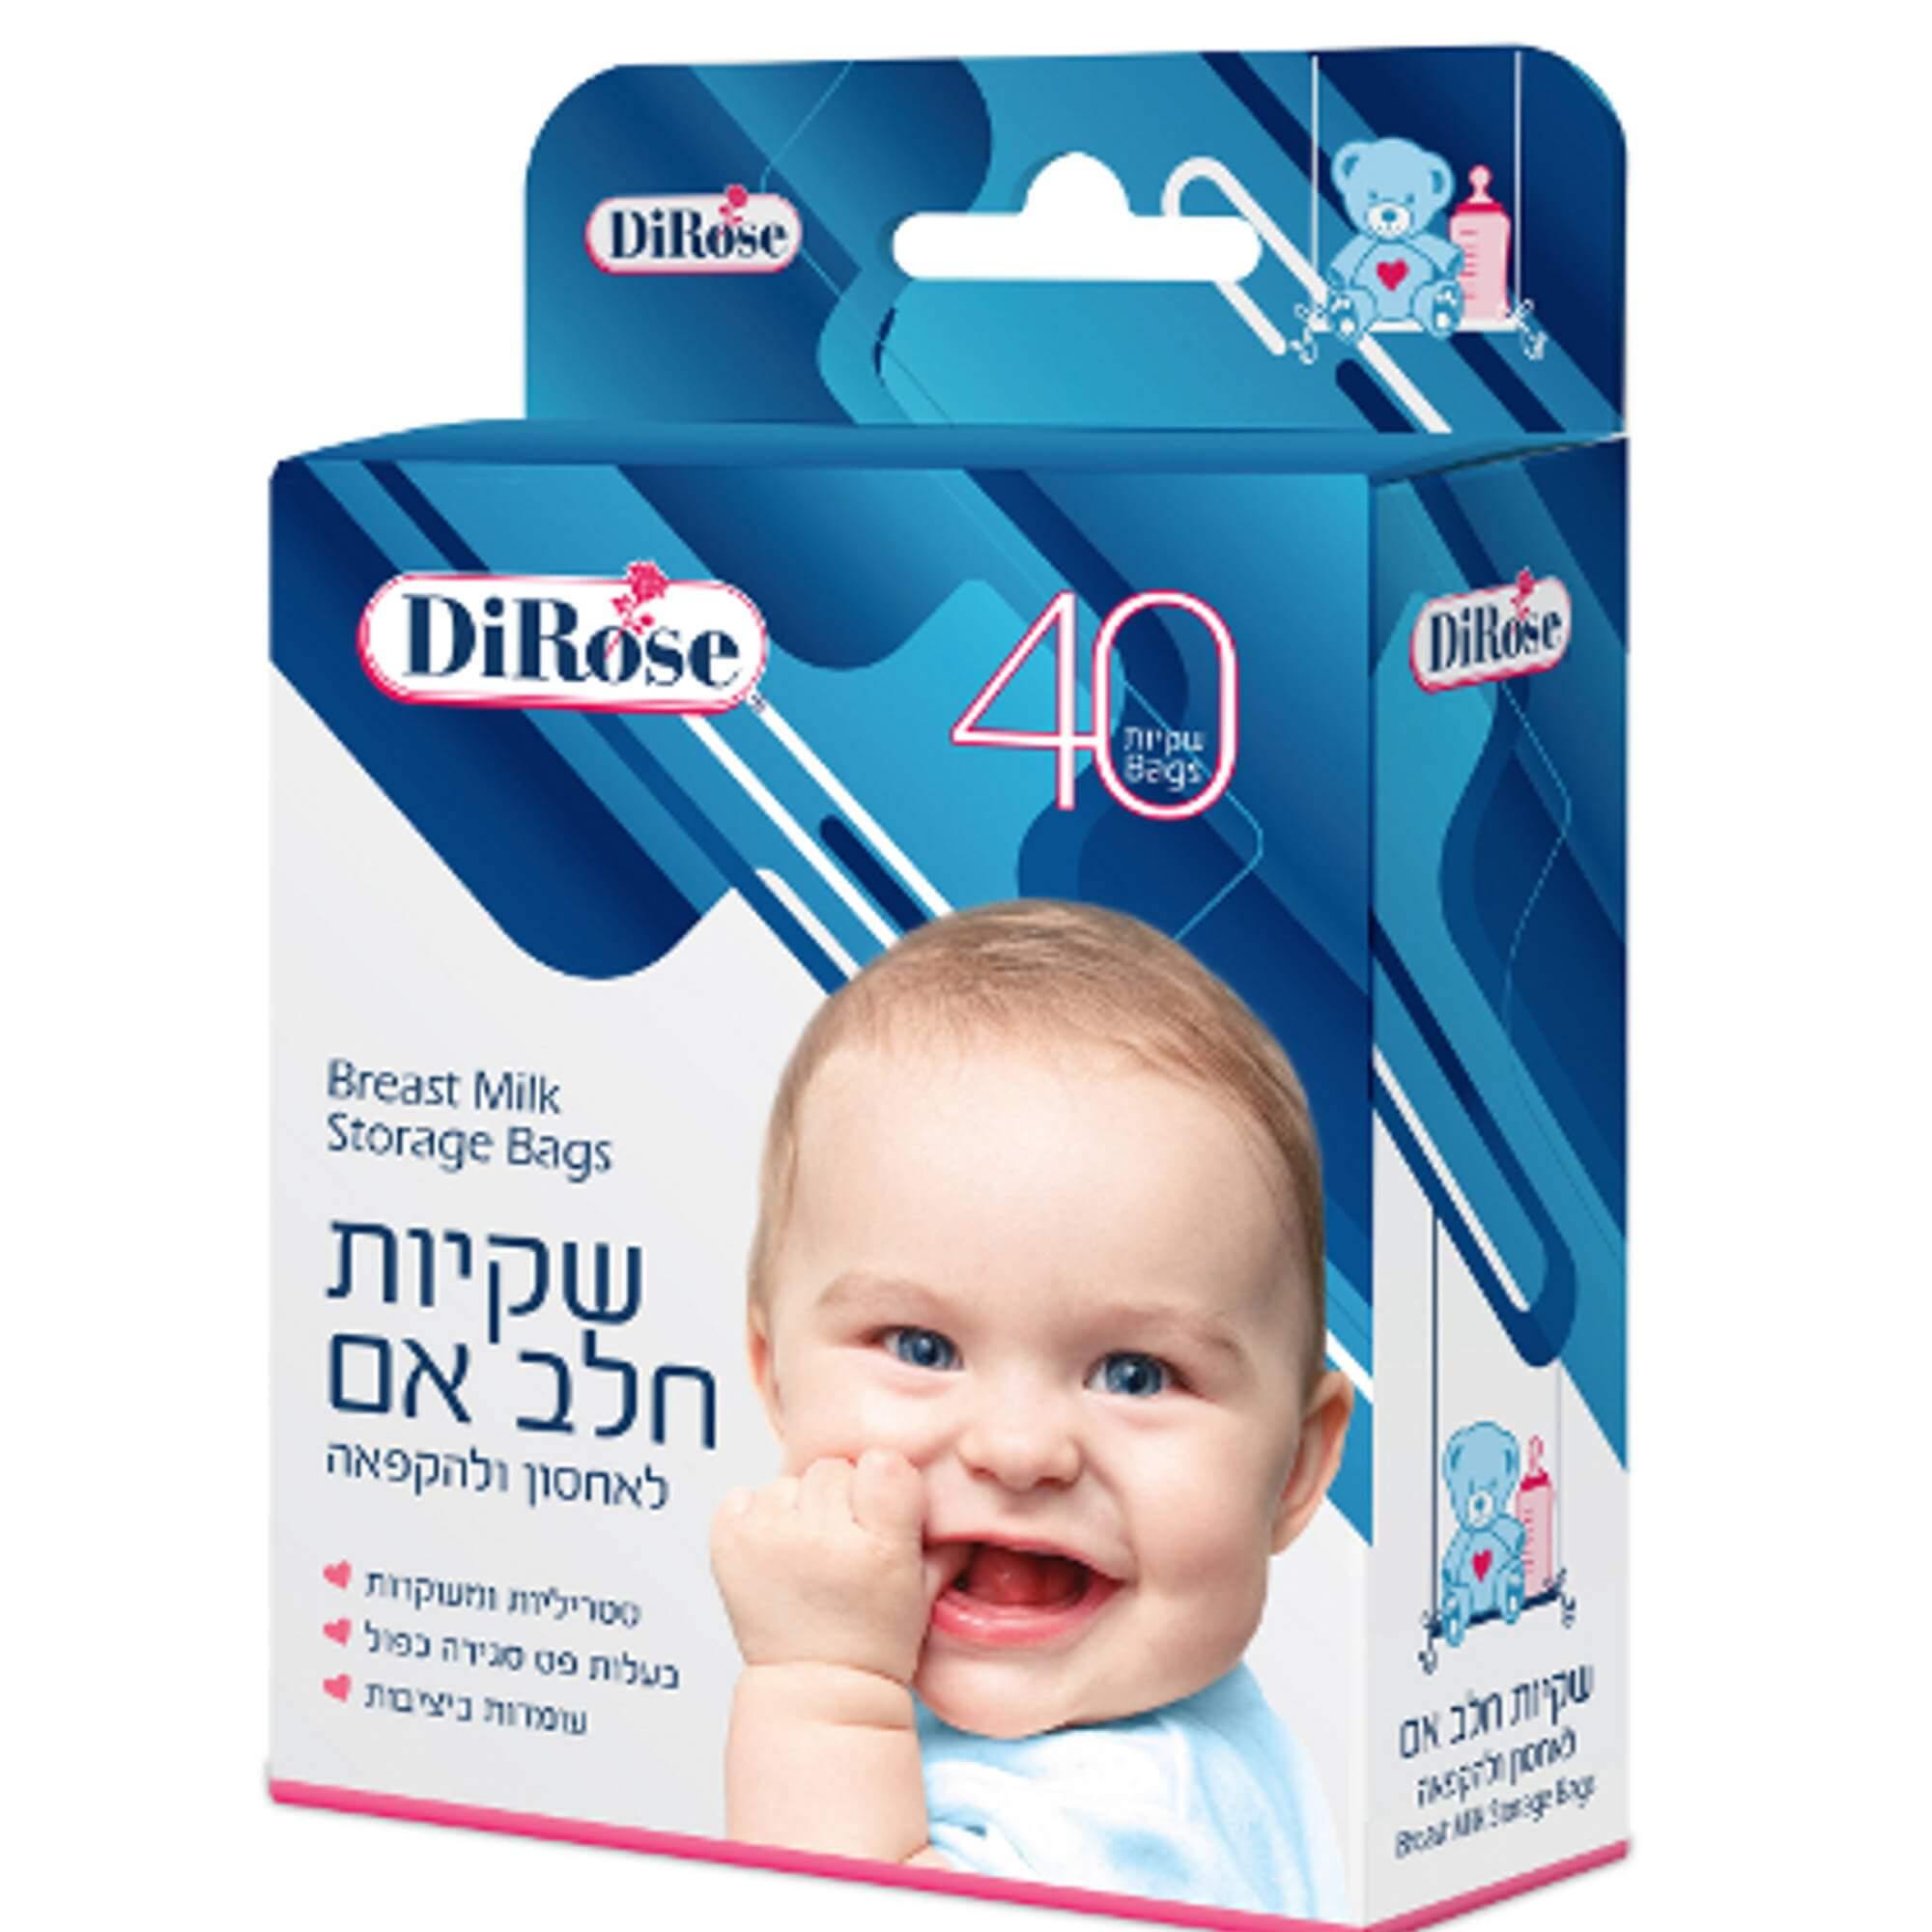 שקיות לאחסון חלב של DiRose